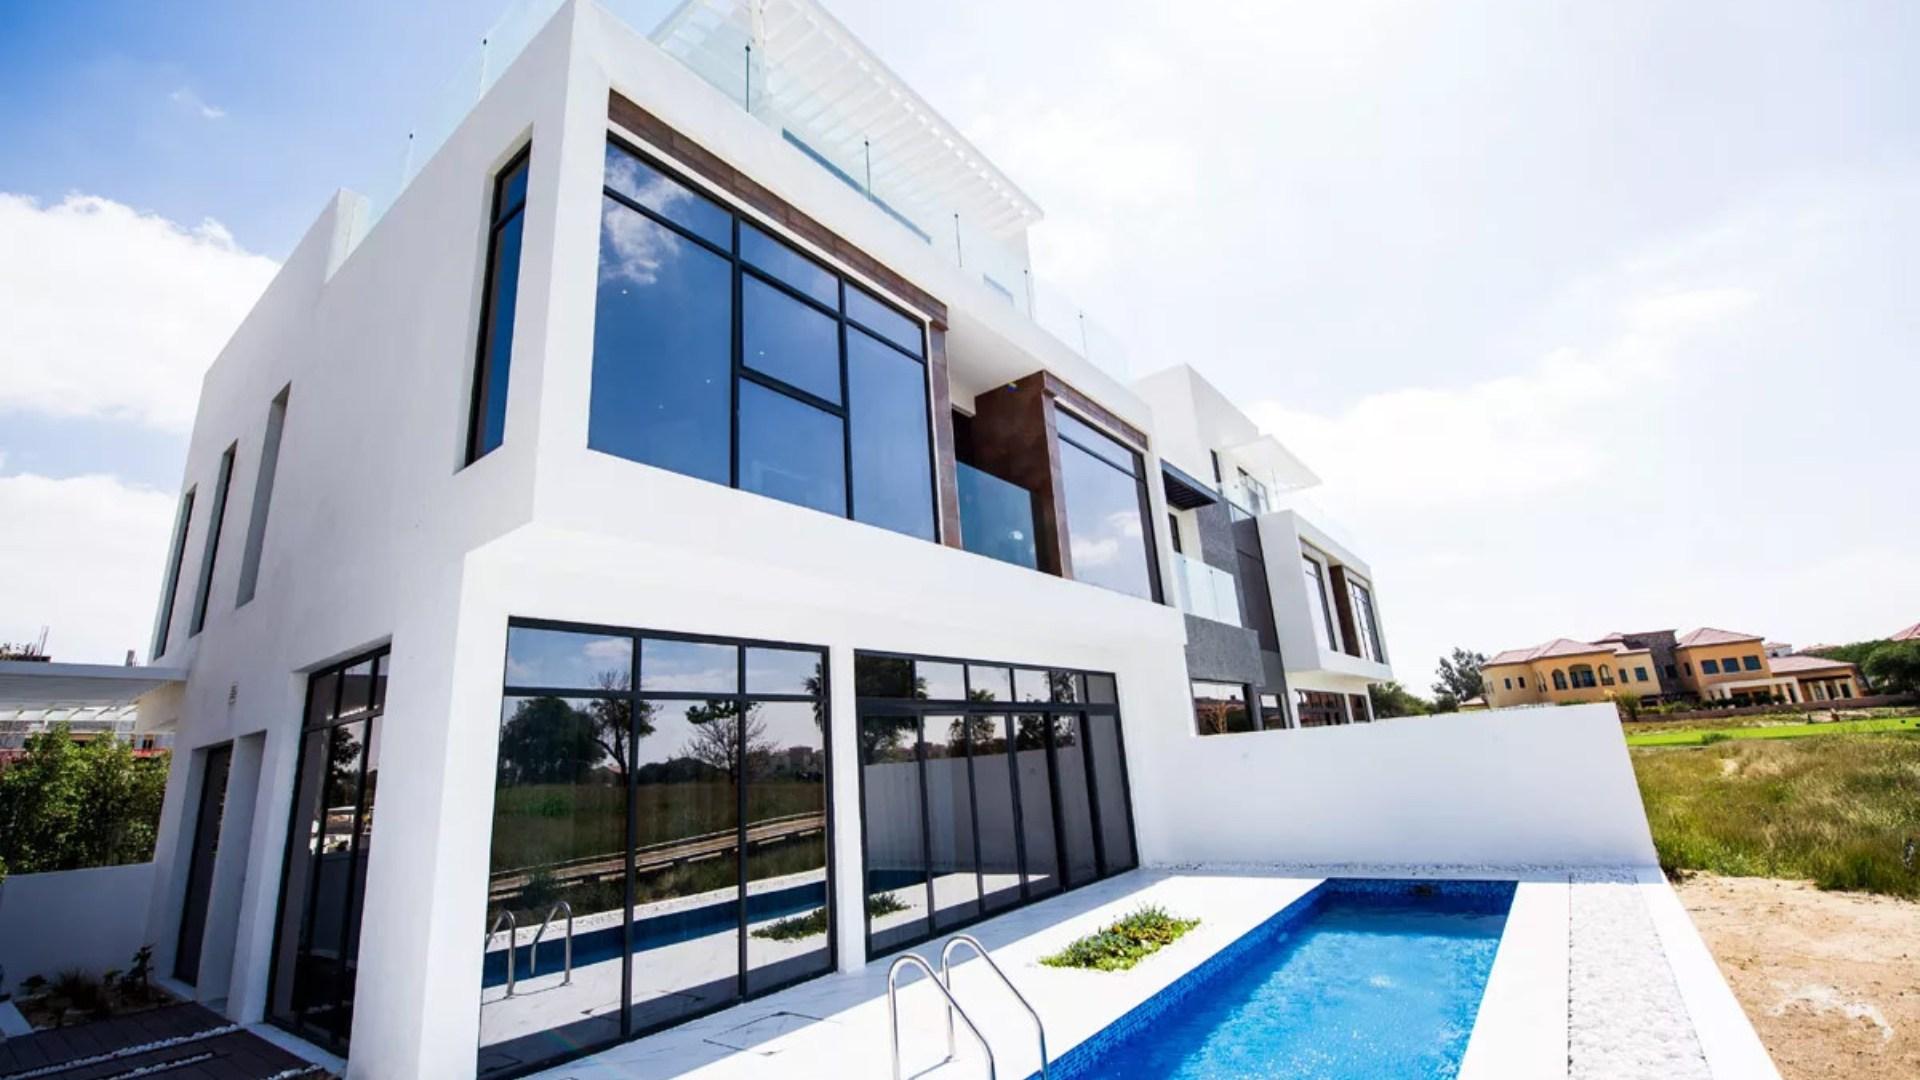 Villa en venta en Dubai, EAU, 3 dormitorios, 187 m2, № 24234 – foto 1